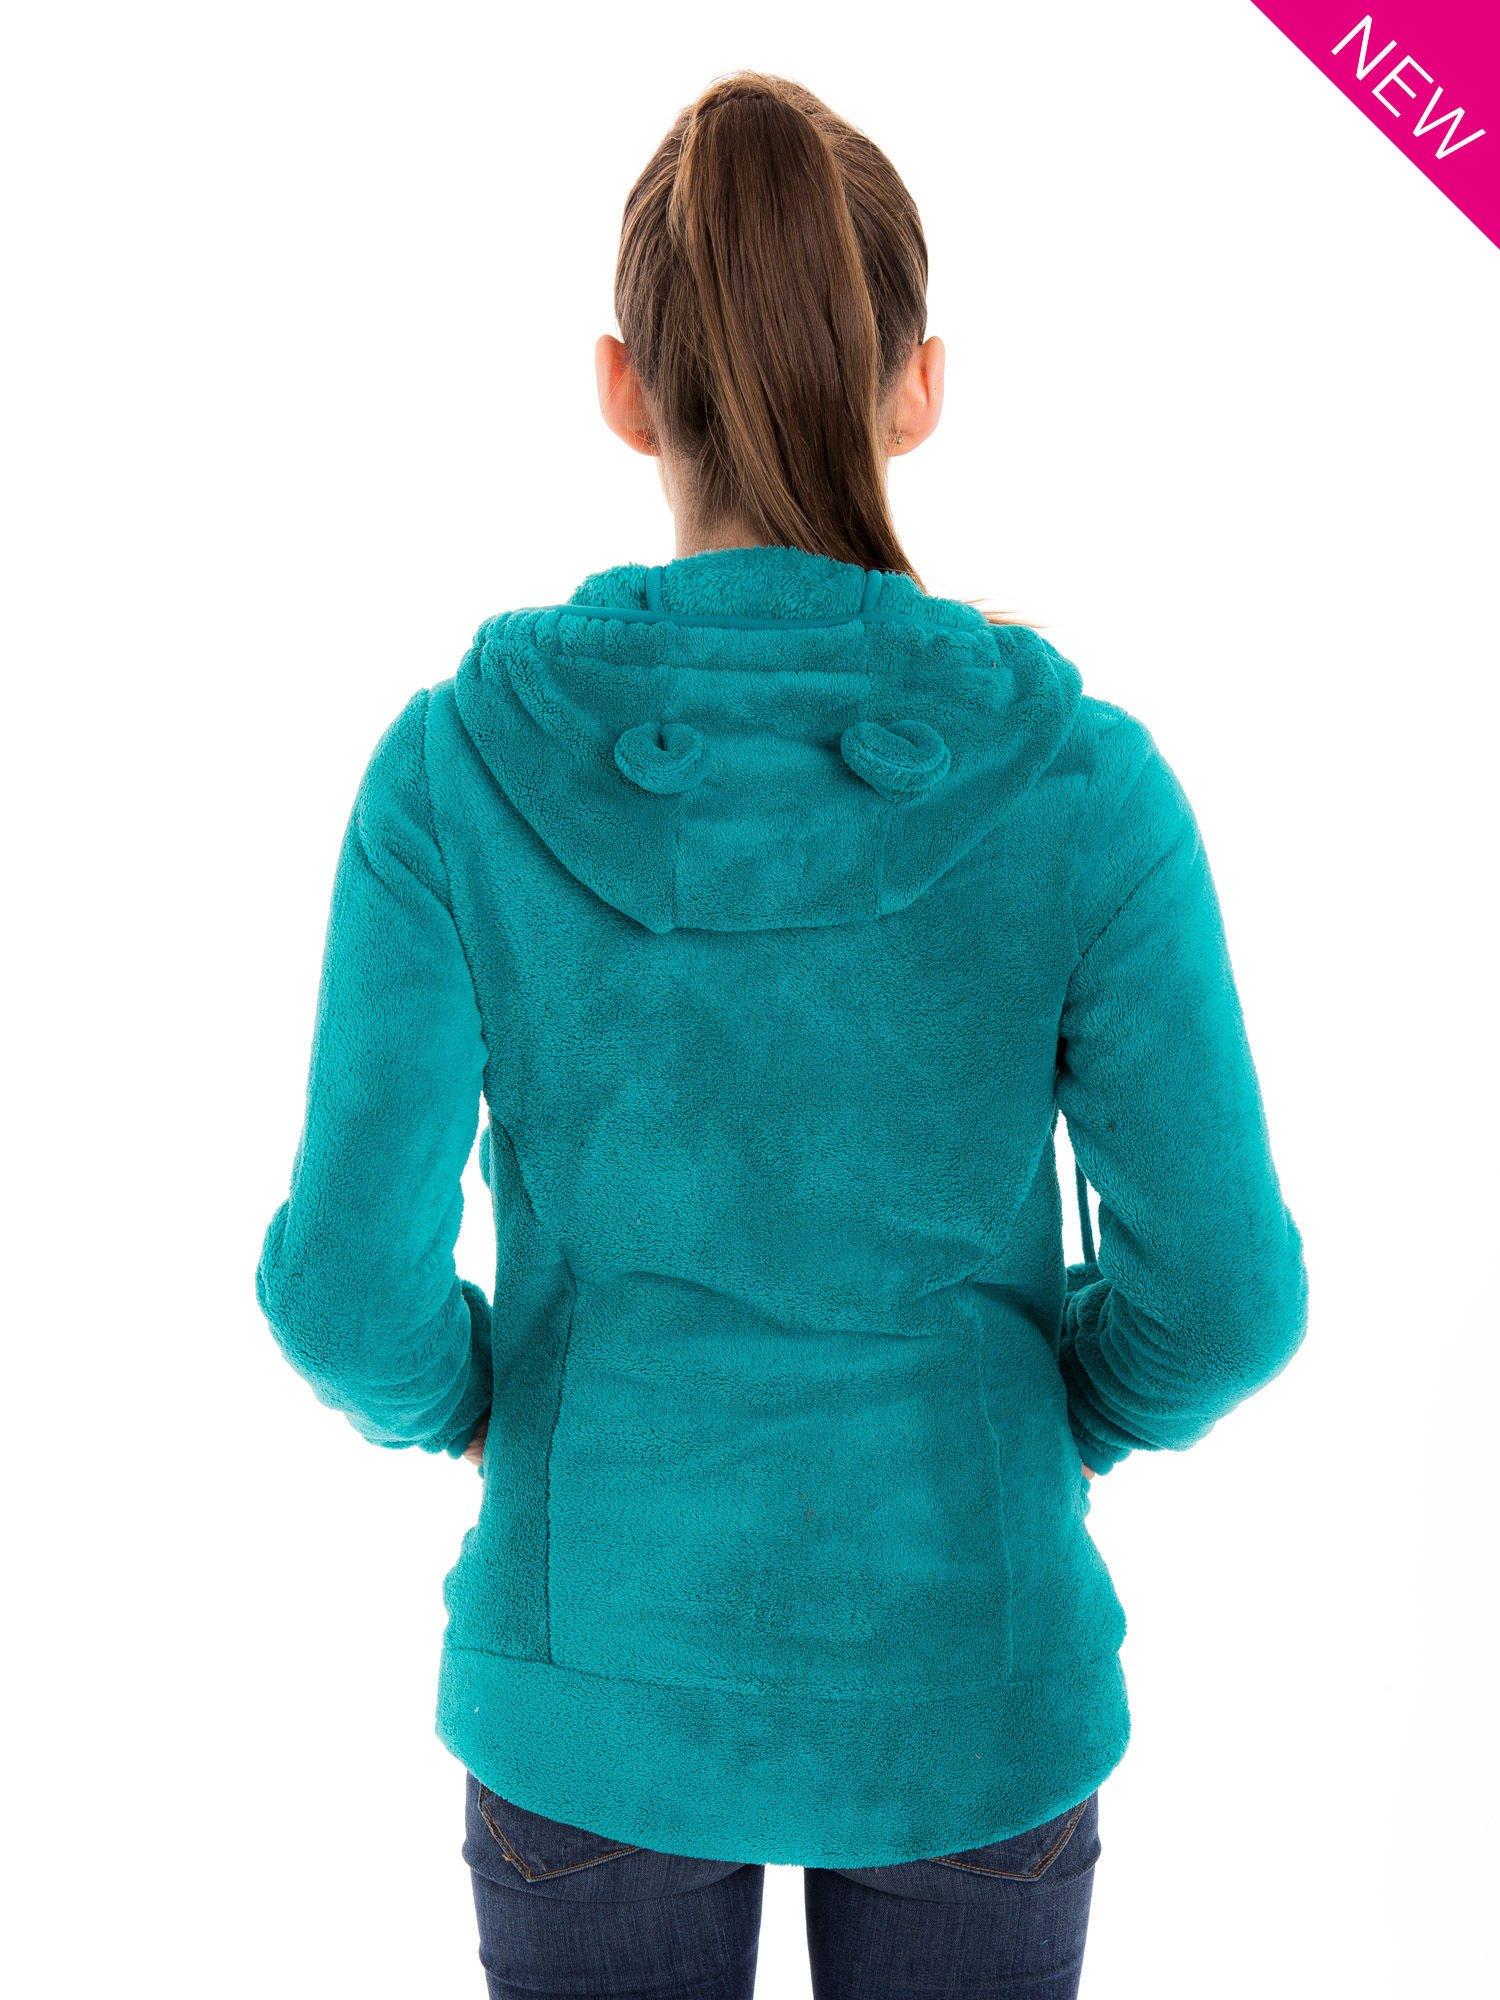 Zielona bluza miś z kapturem z uszkami i pomponami                                  zdj.                                  3